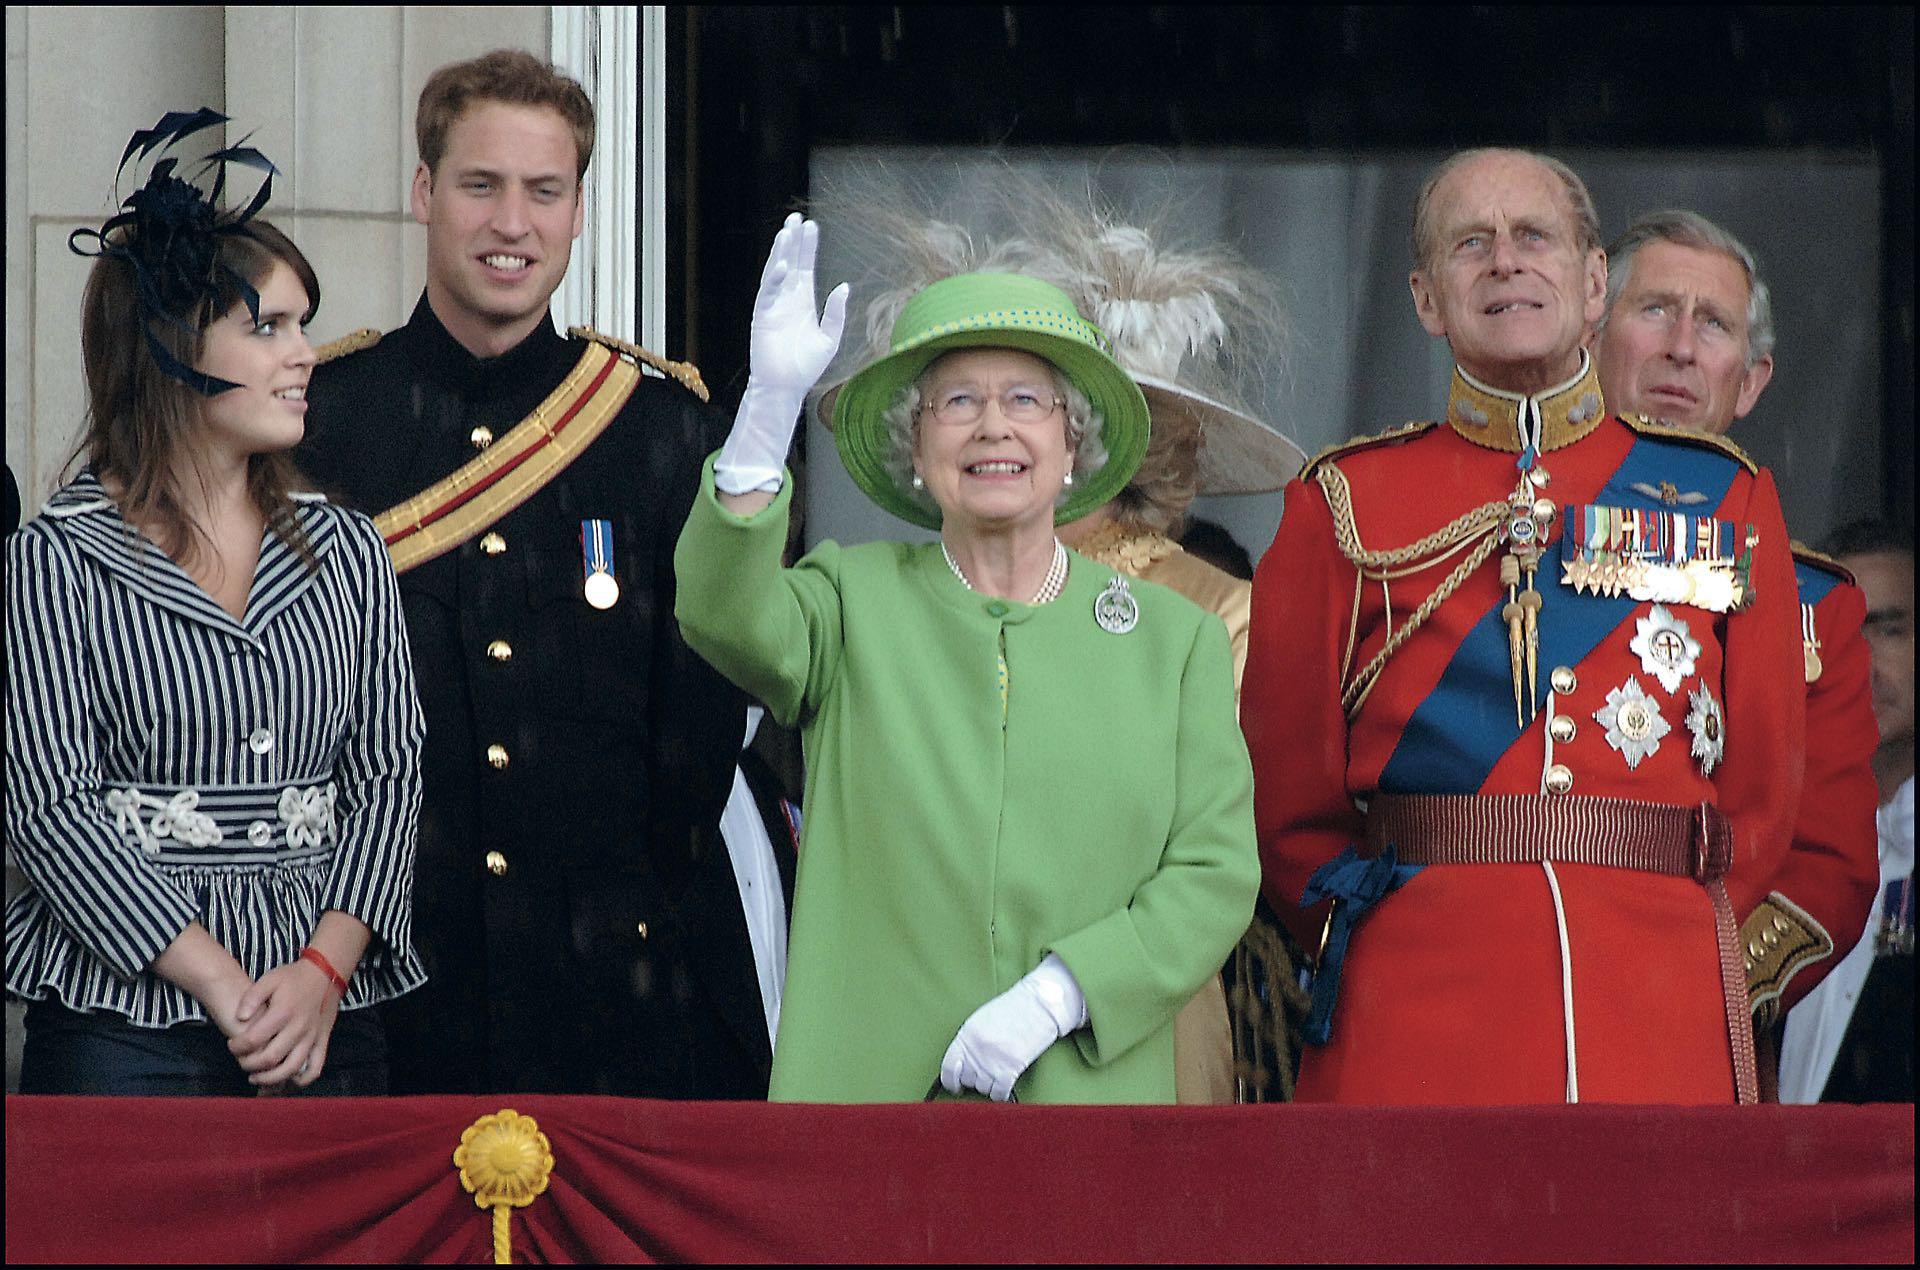 Felipe de Edimburgo, príncipe consorte del Reino Unido junto a la reina Isabel II. El año pasado Felipe se retiró de la vida pública. Tuvieron cuatro hijos: Carlos, Ana, Andrés y Eduardo.